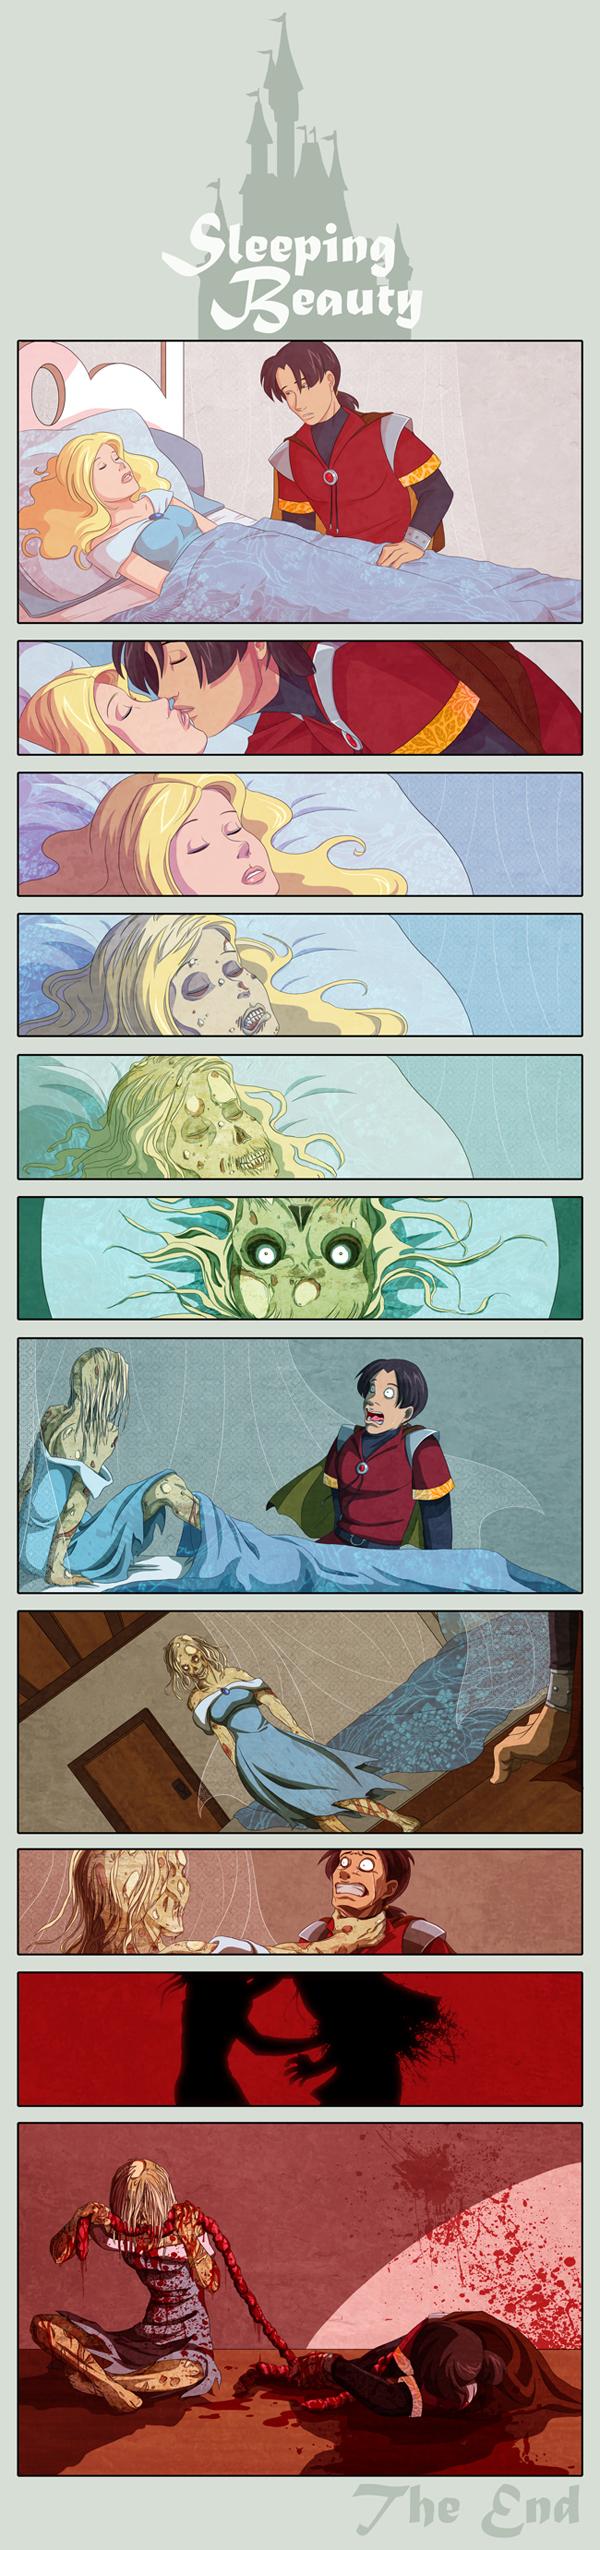 sleppeng-zombie.jpg